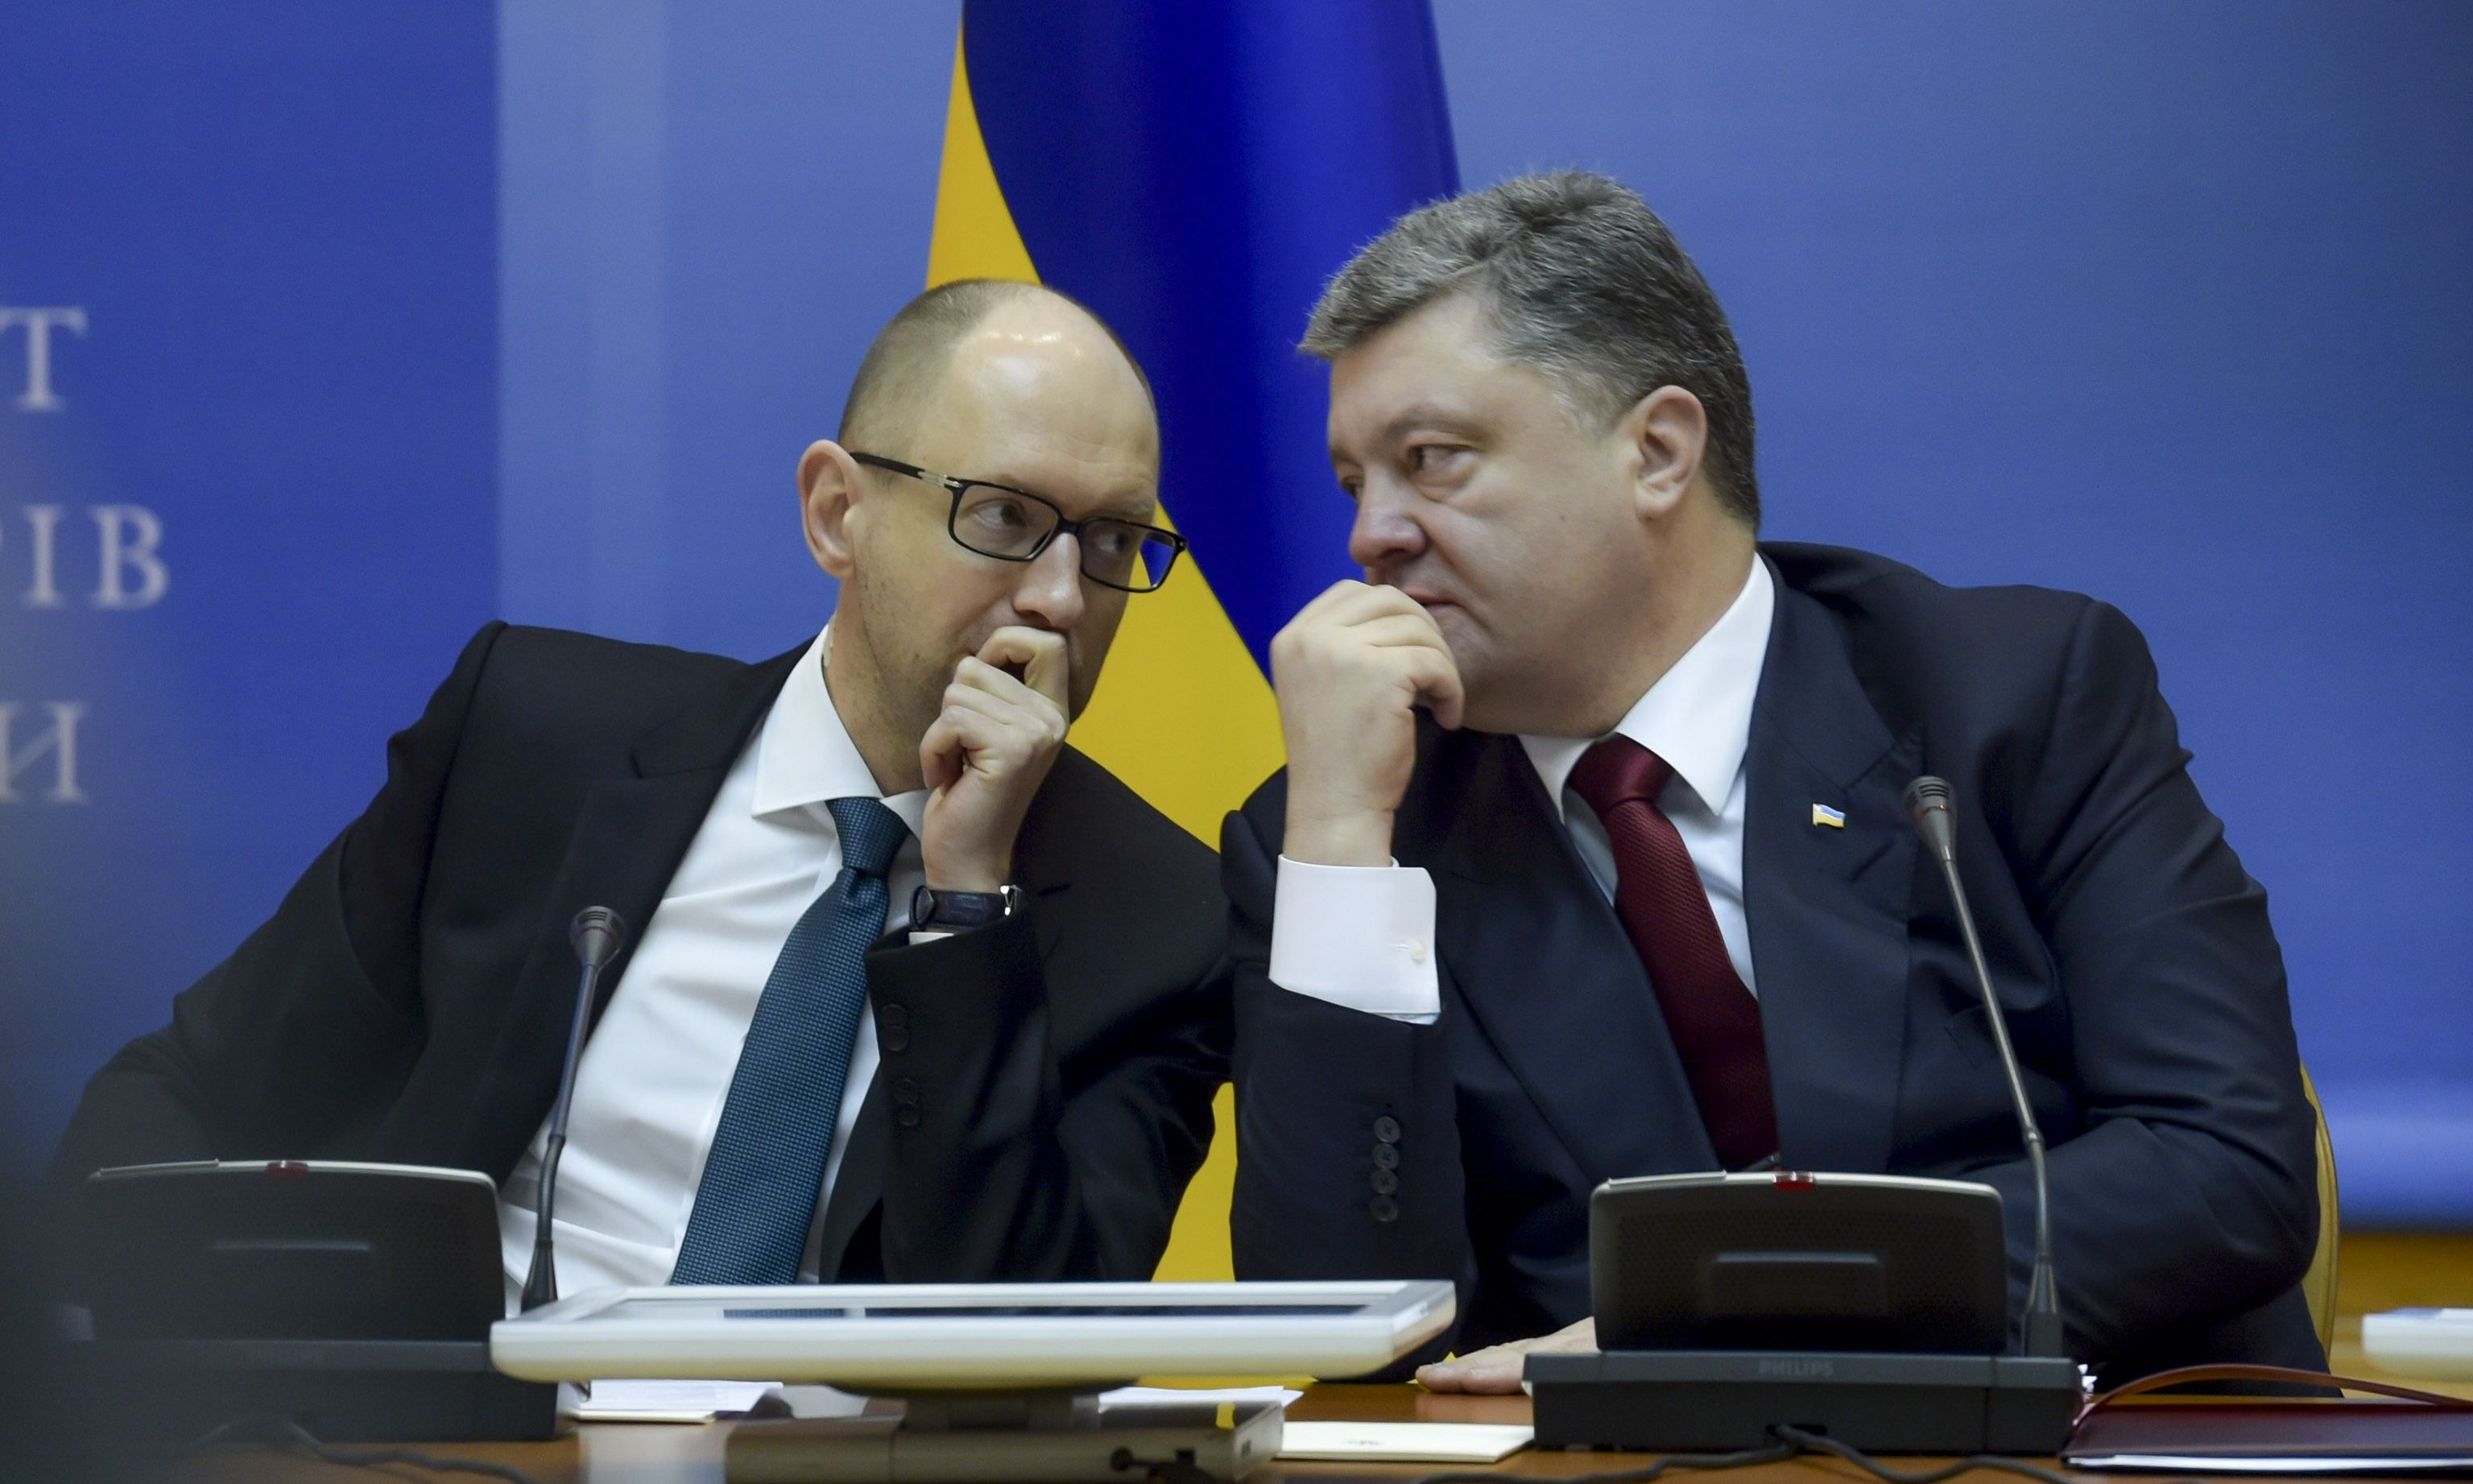 Кто-то хочет развалить коалицию Яценюка и Порошенко